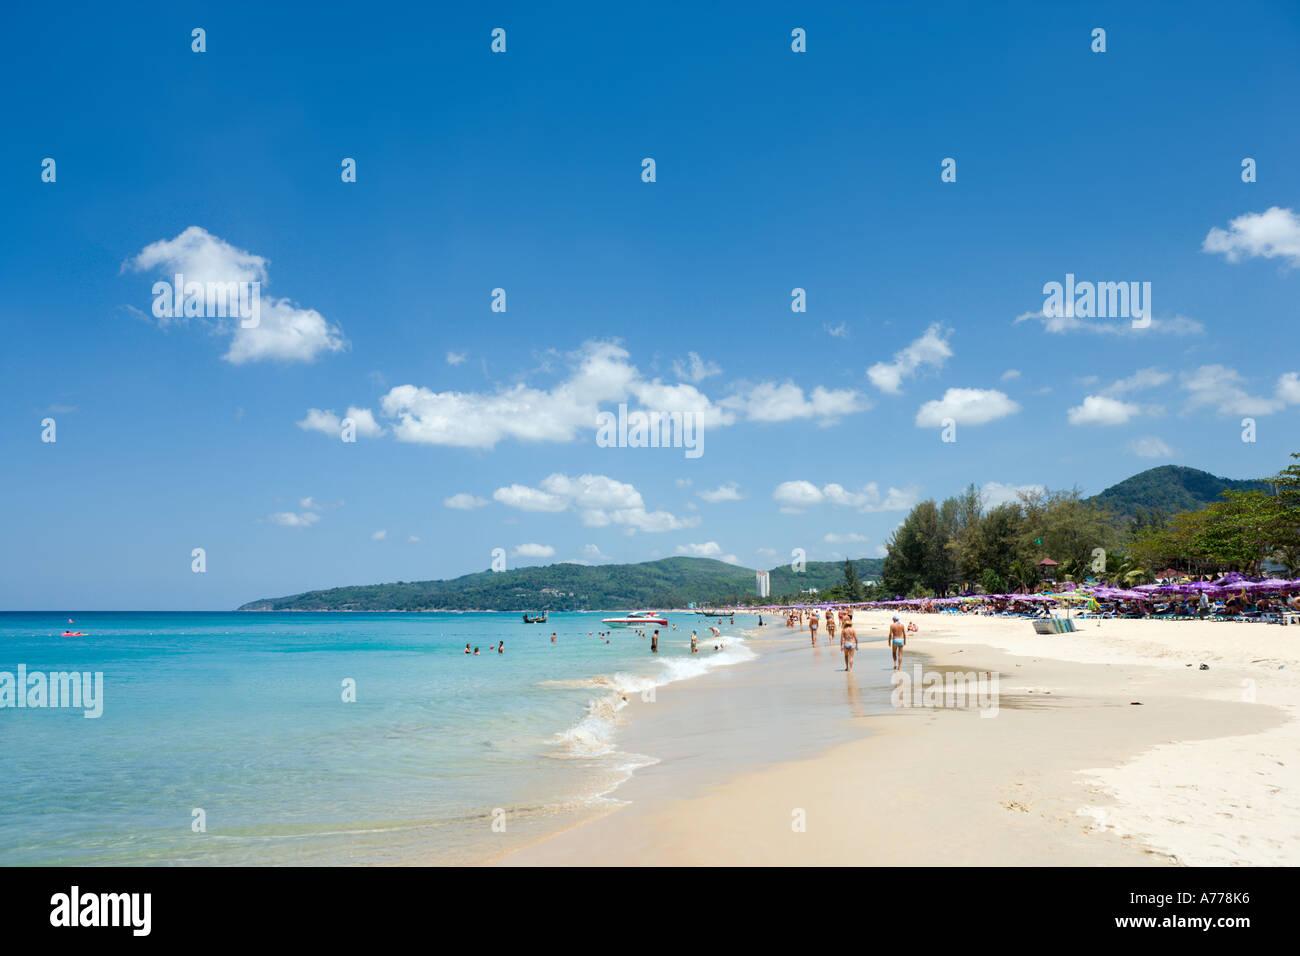 Karon Beach, Phuket, Thailand - Stock Image